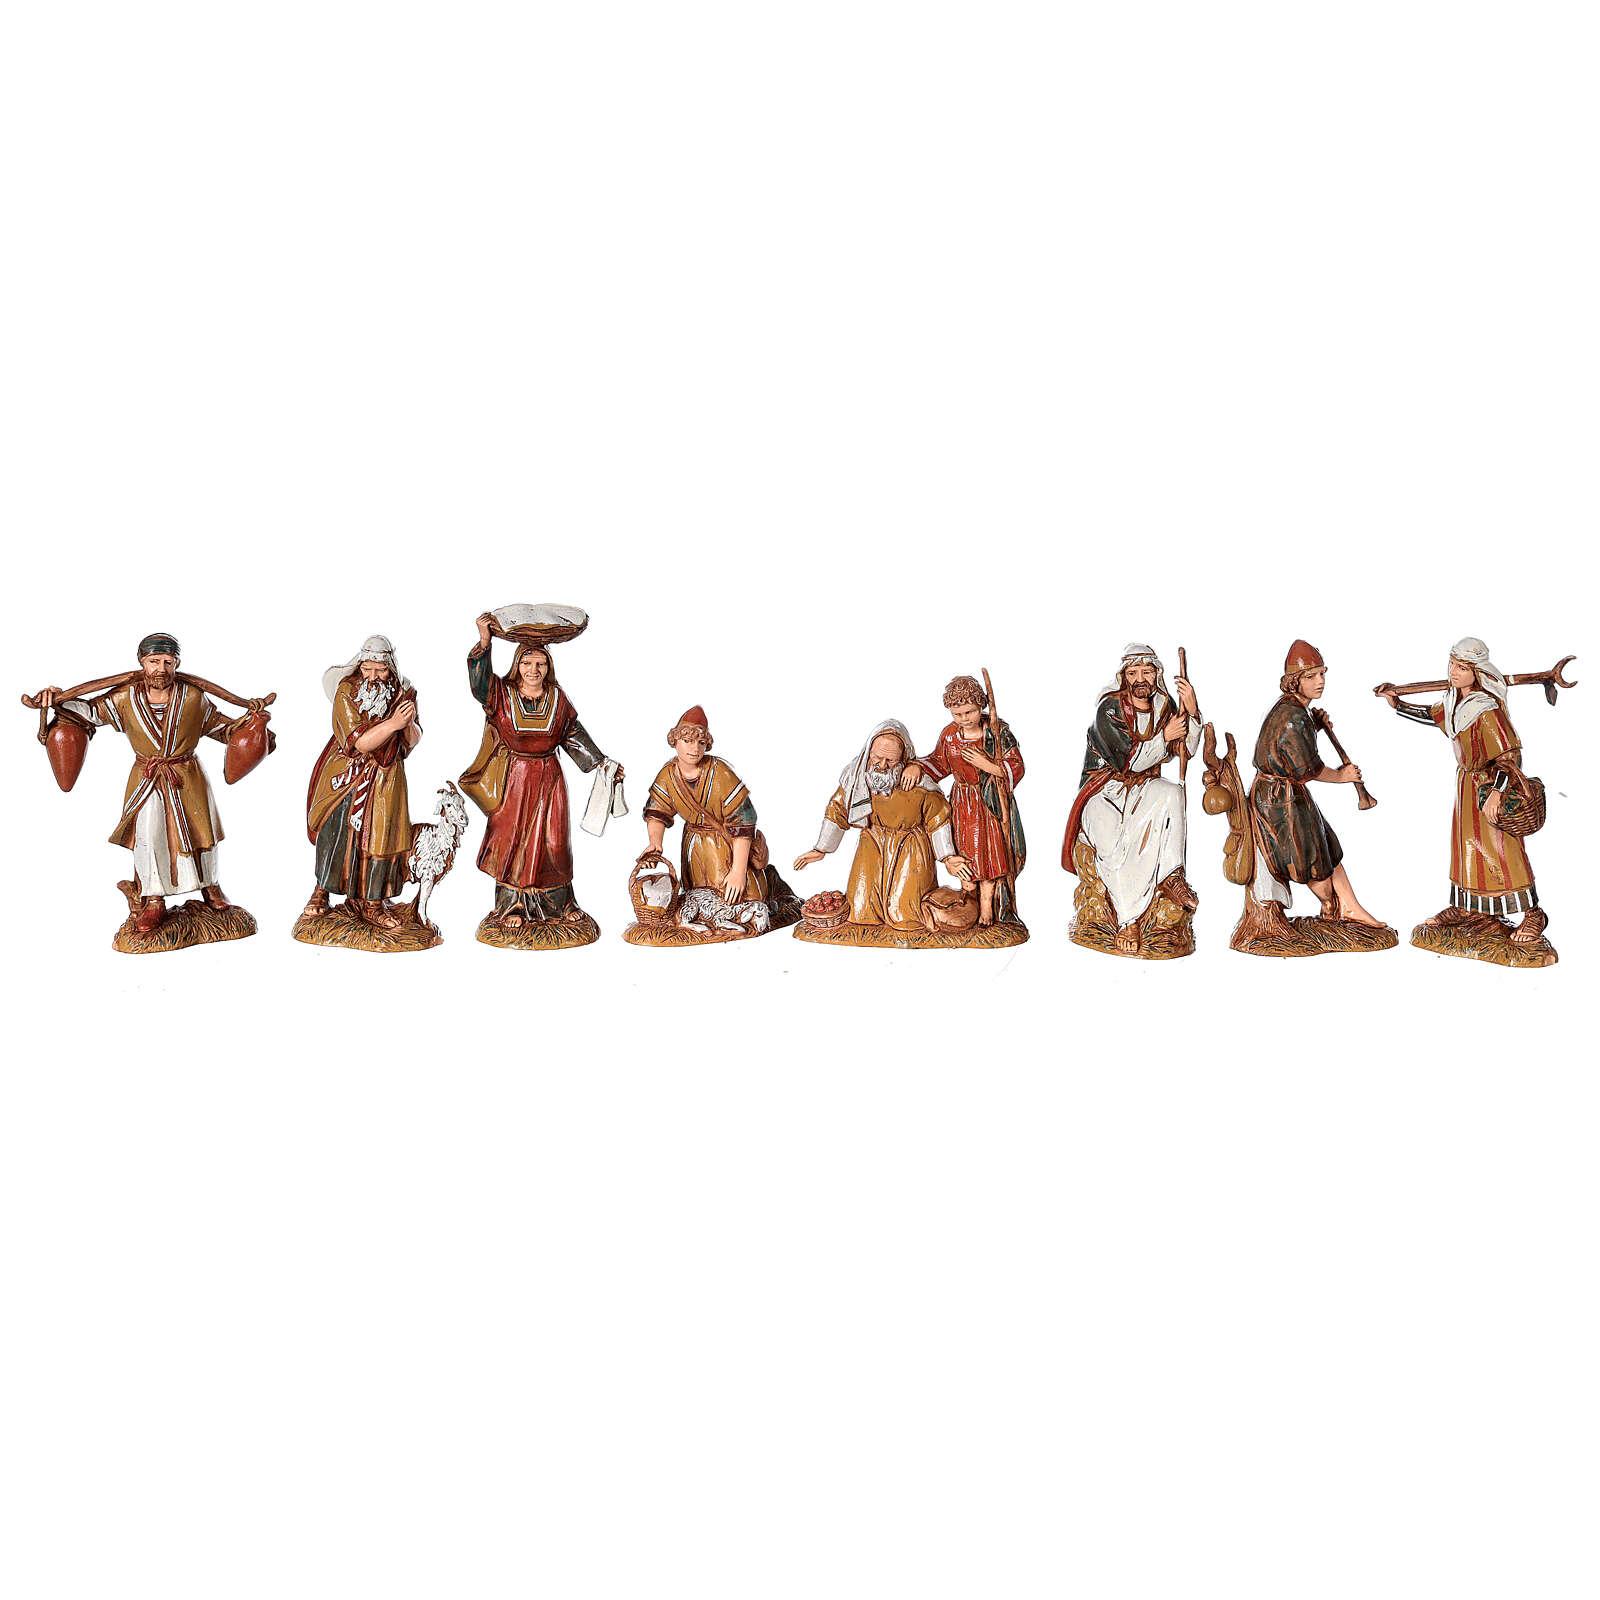 Presépio completo estilo árabe com forno figuras Moranduzzo altura média 10 cm; medidas: 38x50x40 cm 4